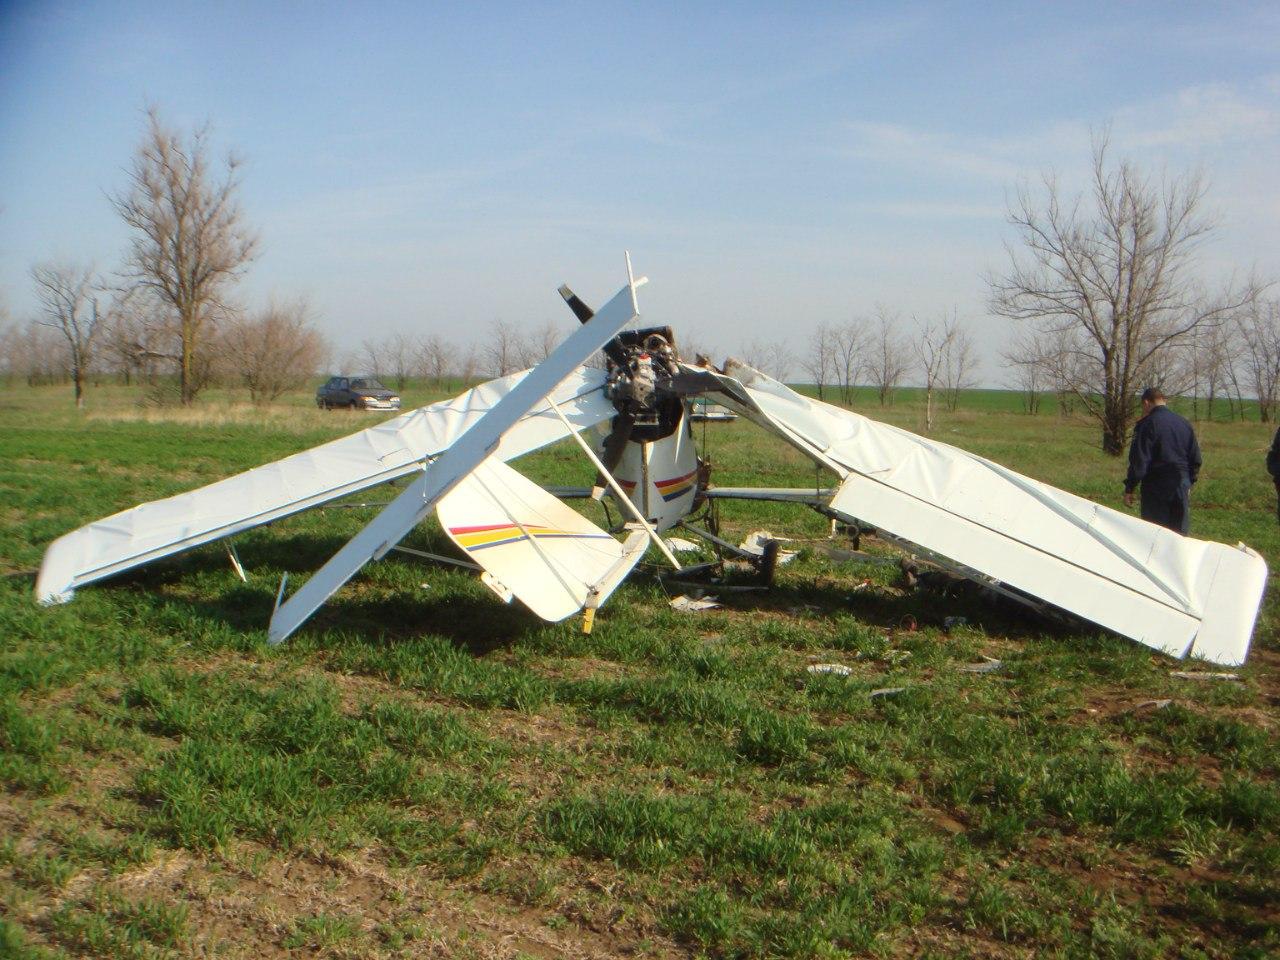 Самолет, пилотируемый жителем Луганска, разбился в Ростовской области - Цензор.НЕТ 6075